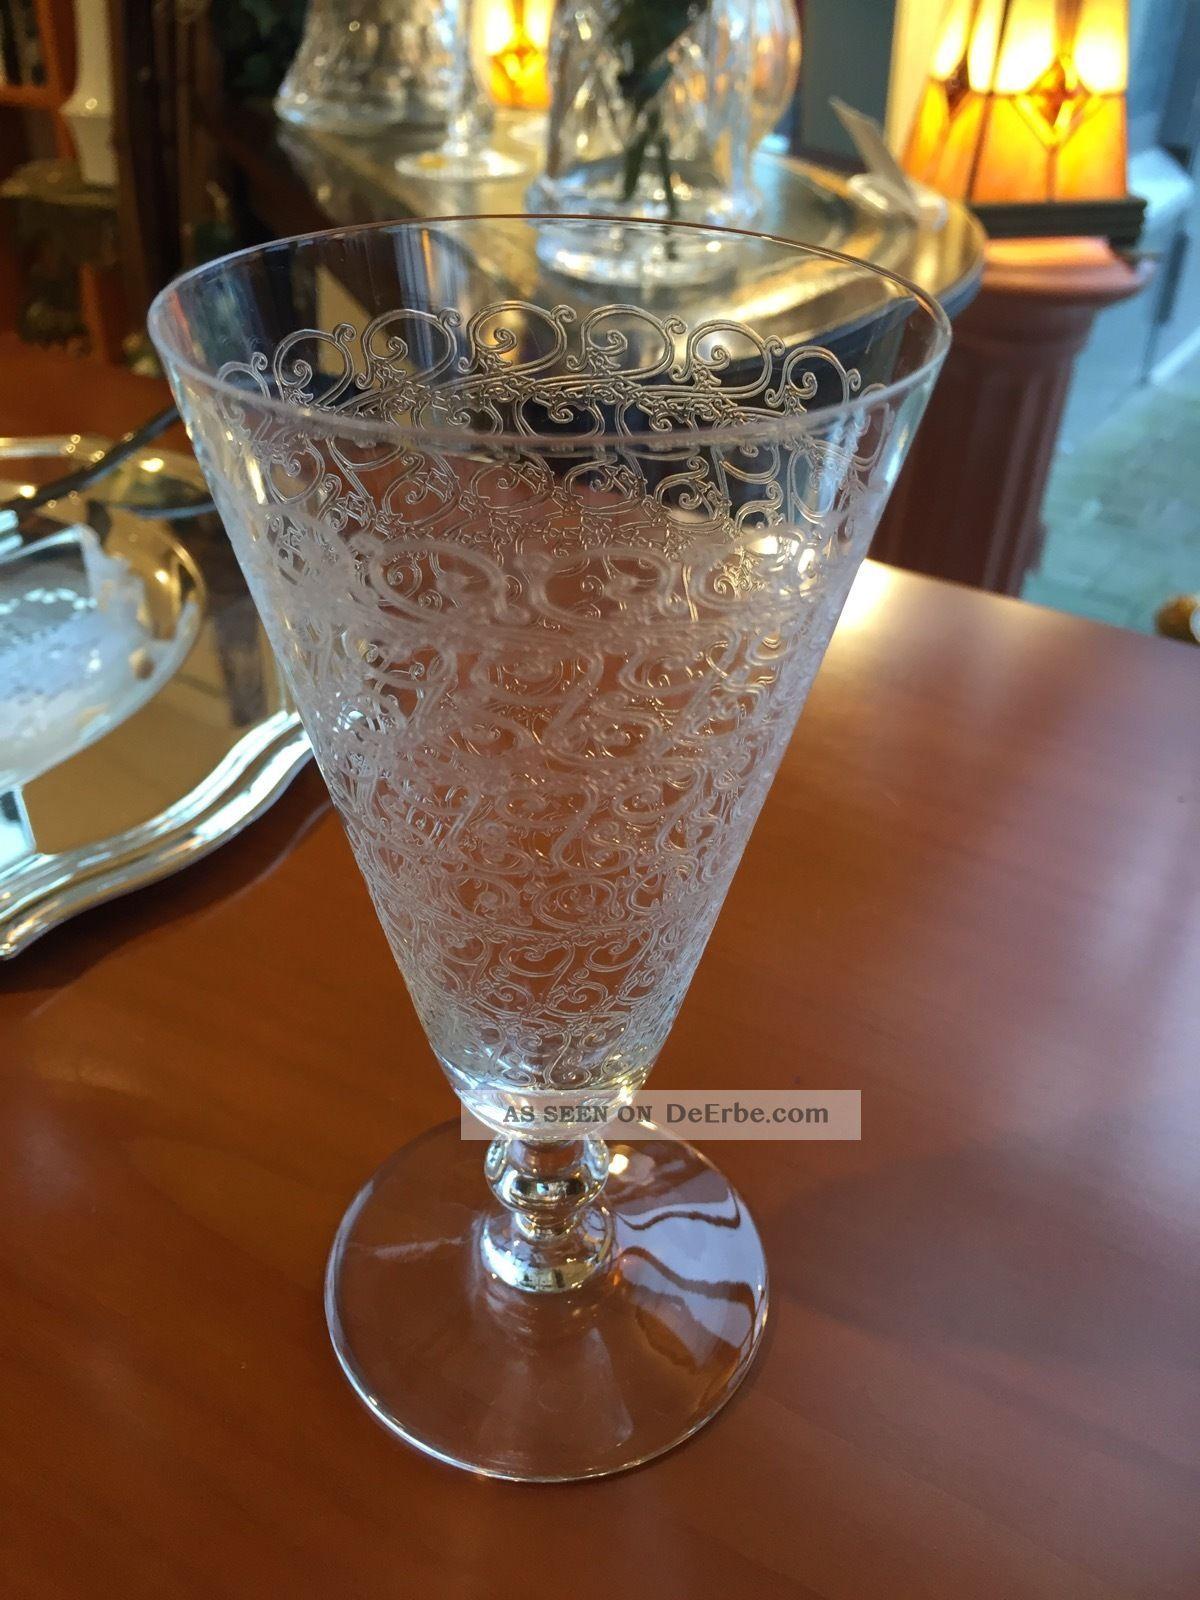 Sektglas Rohan De Baccarat France Crystal Champagne Glas Kristall Bild